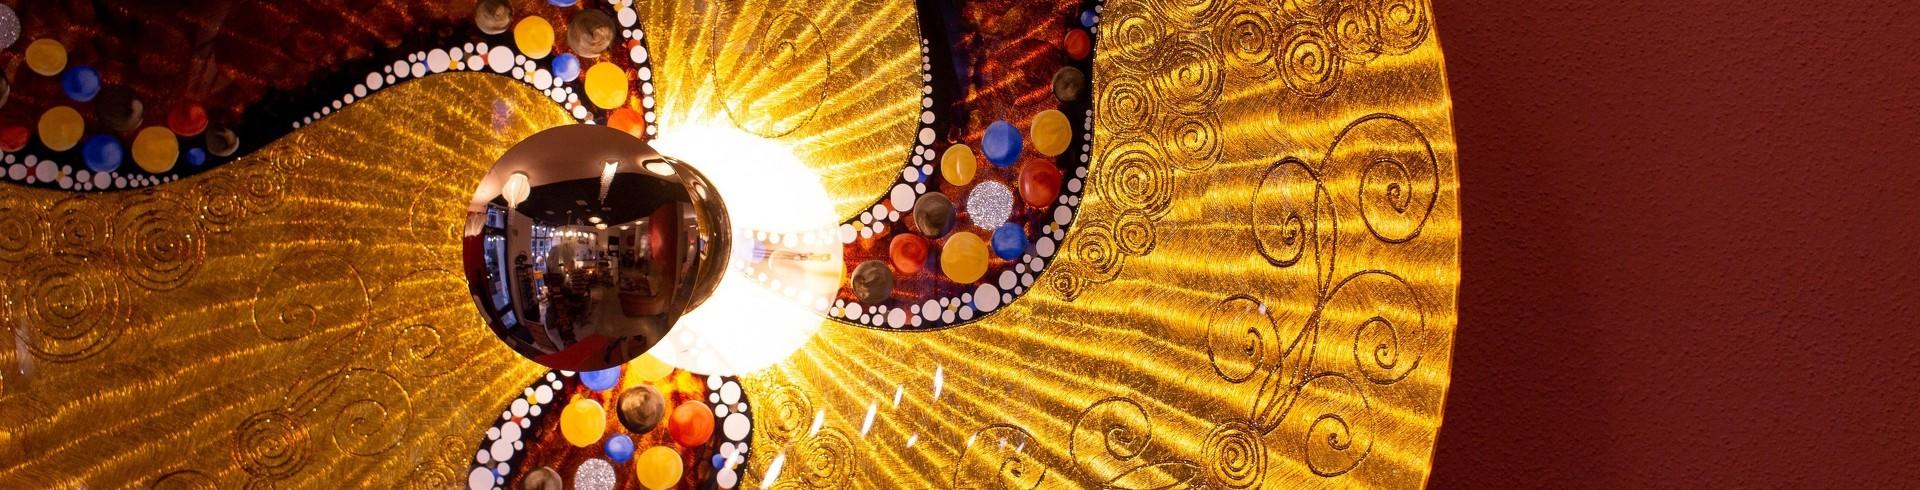 Licht erleben bei dieRaumbeleuchter in Kempten